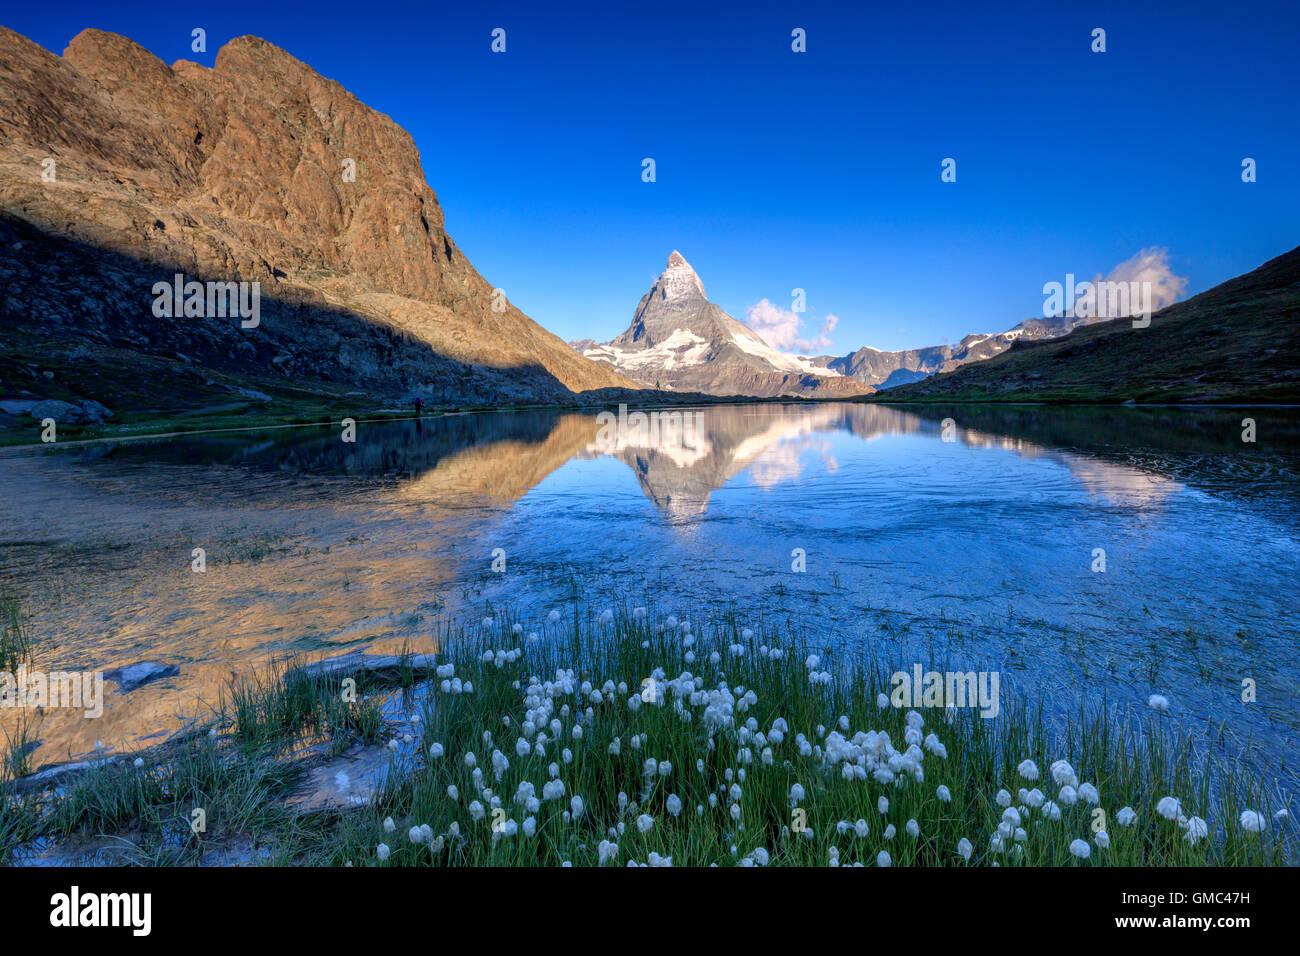 Il cotone telaio foraggio il Cervino riflesso nel lago Stellisee all'alba Zermatt Cantone del Vallese Svizzera Immagini Stock